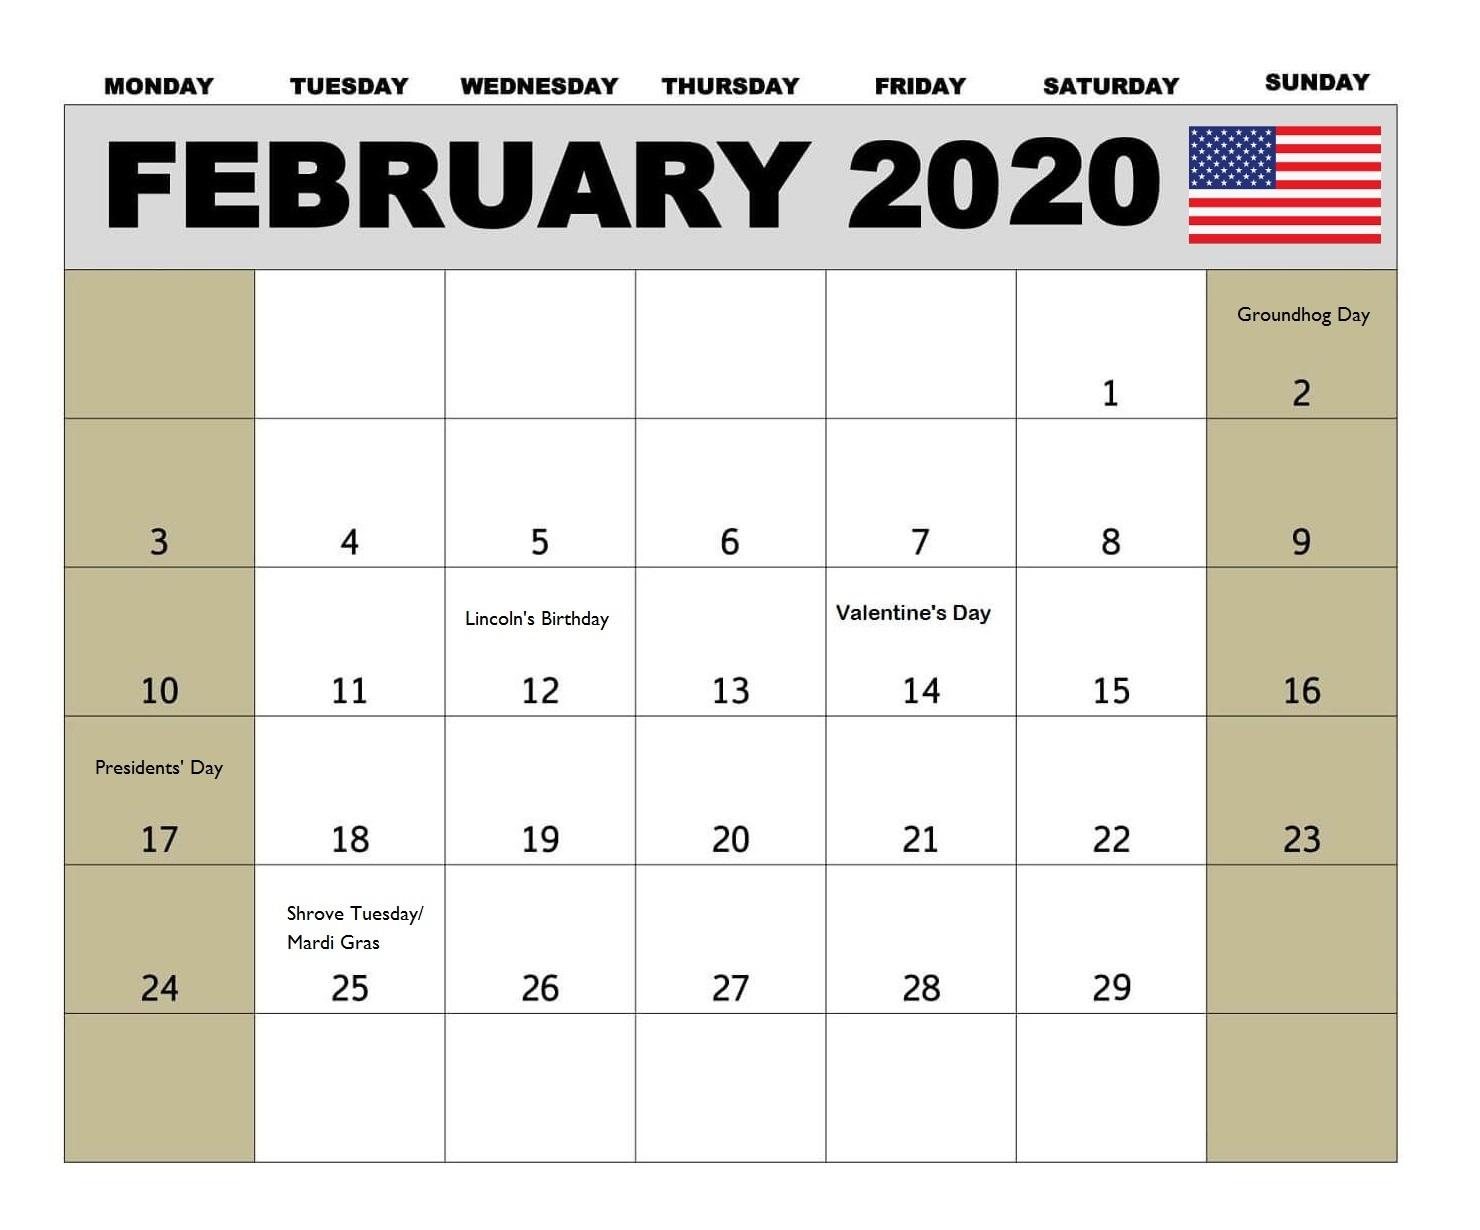 USA February 2020 Federal Holidays Calendar